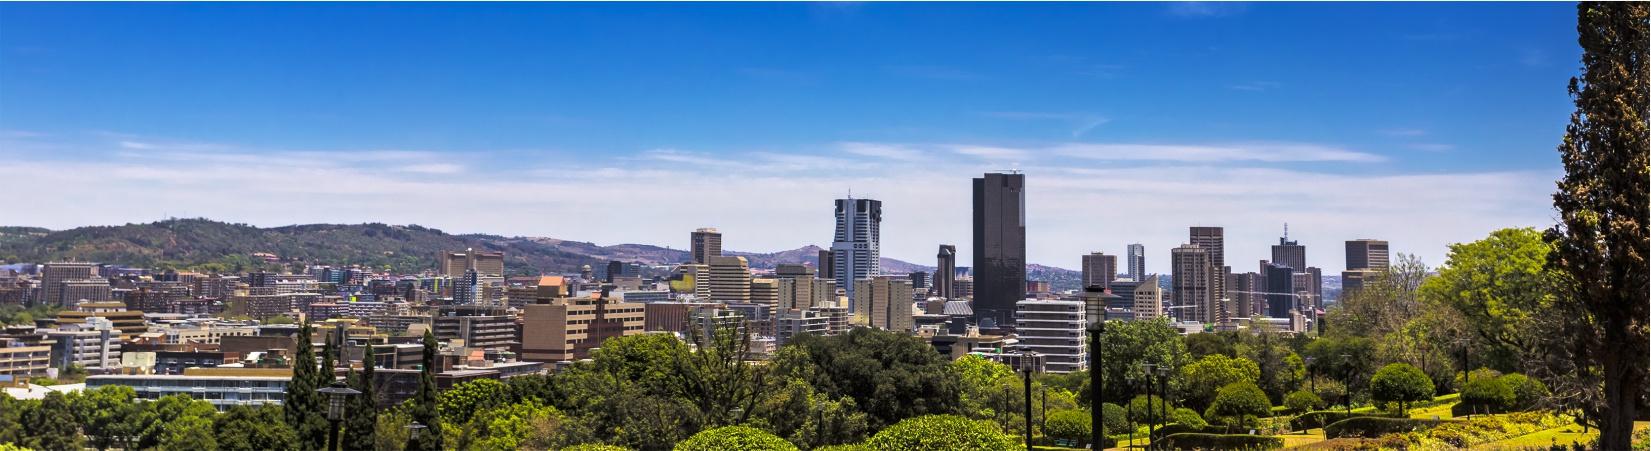 Properties for sale in Gauteng   ADEK PROPERTIES